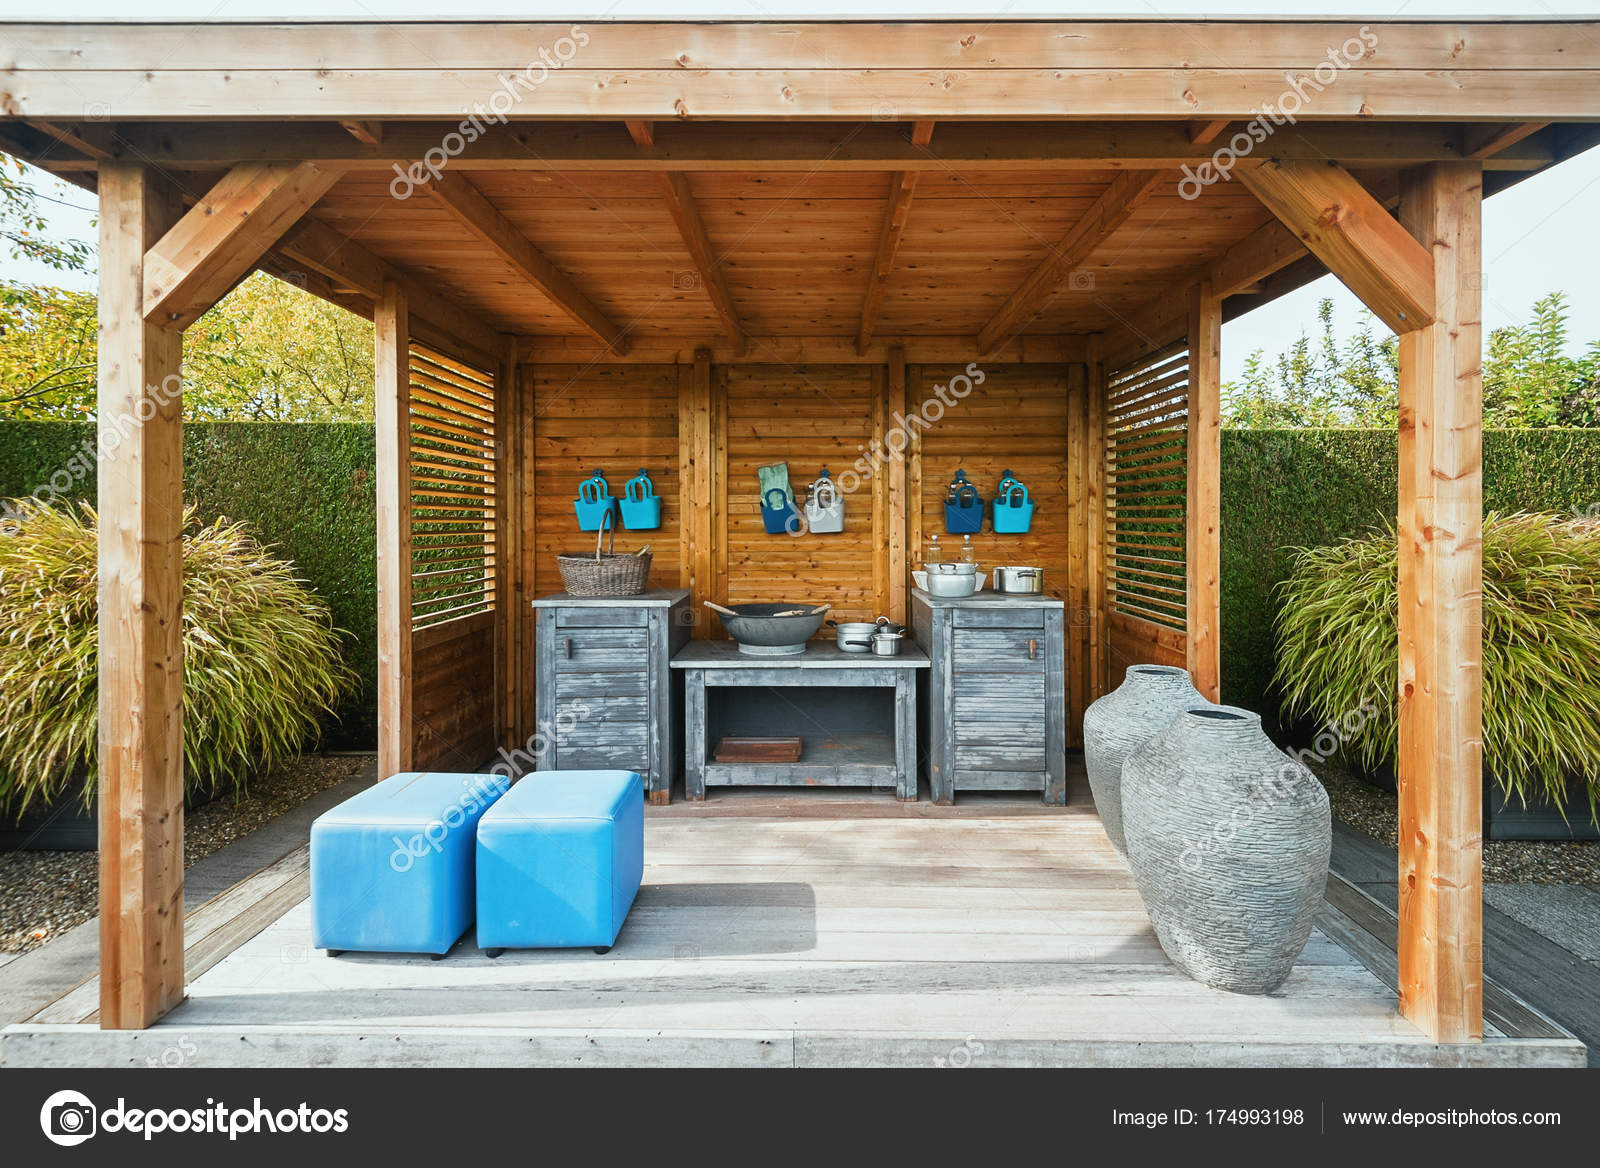 Gartenlaube Outdoor Küche : Gartenlaube selber bauen worauf achten zuhause bei sam